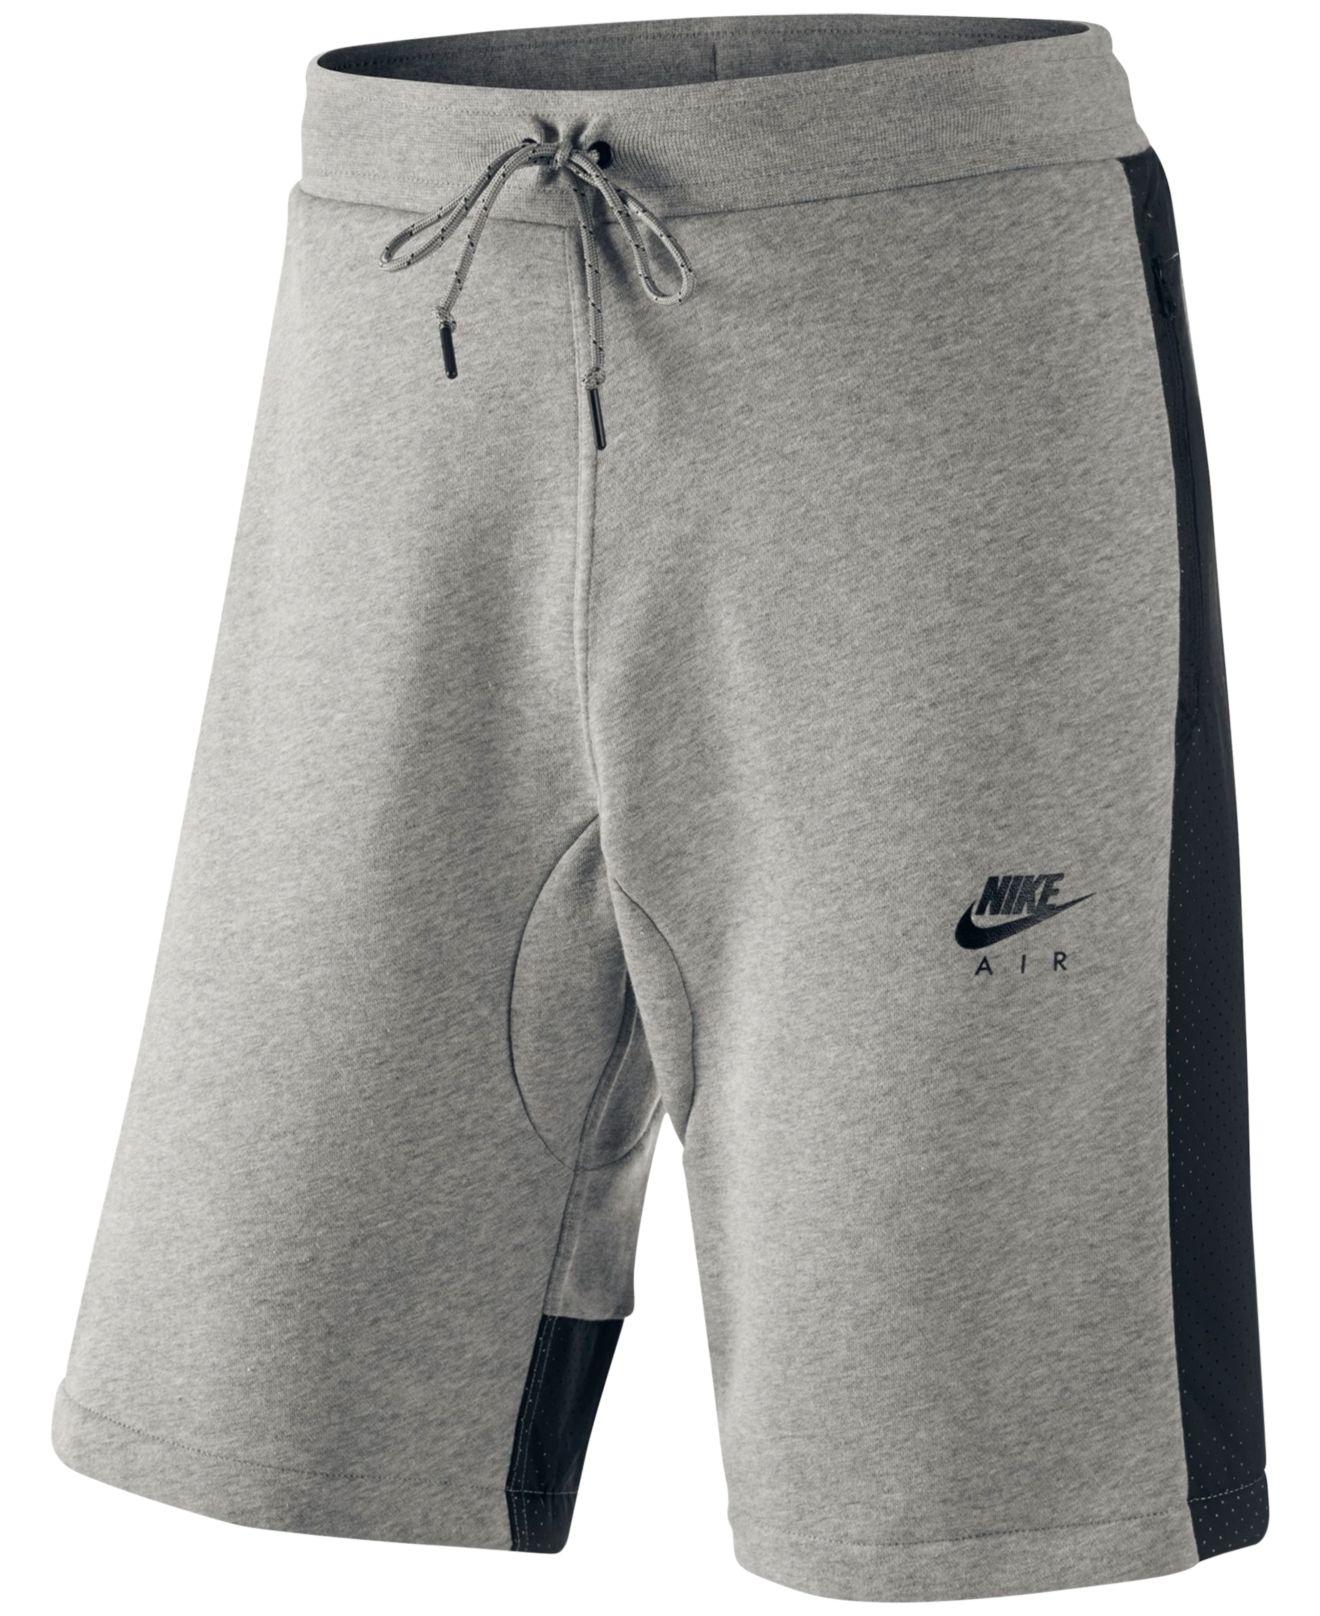 632c38144888 Lyst - Nike Men s Air Hybrid Fleece Shorts in Gray for Men